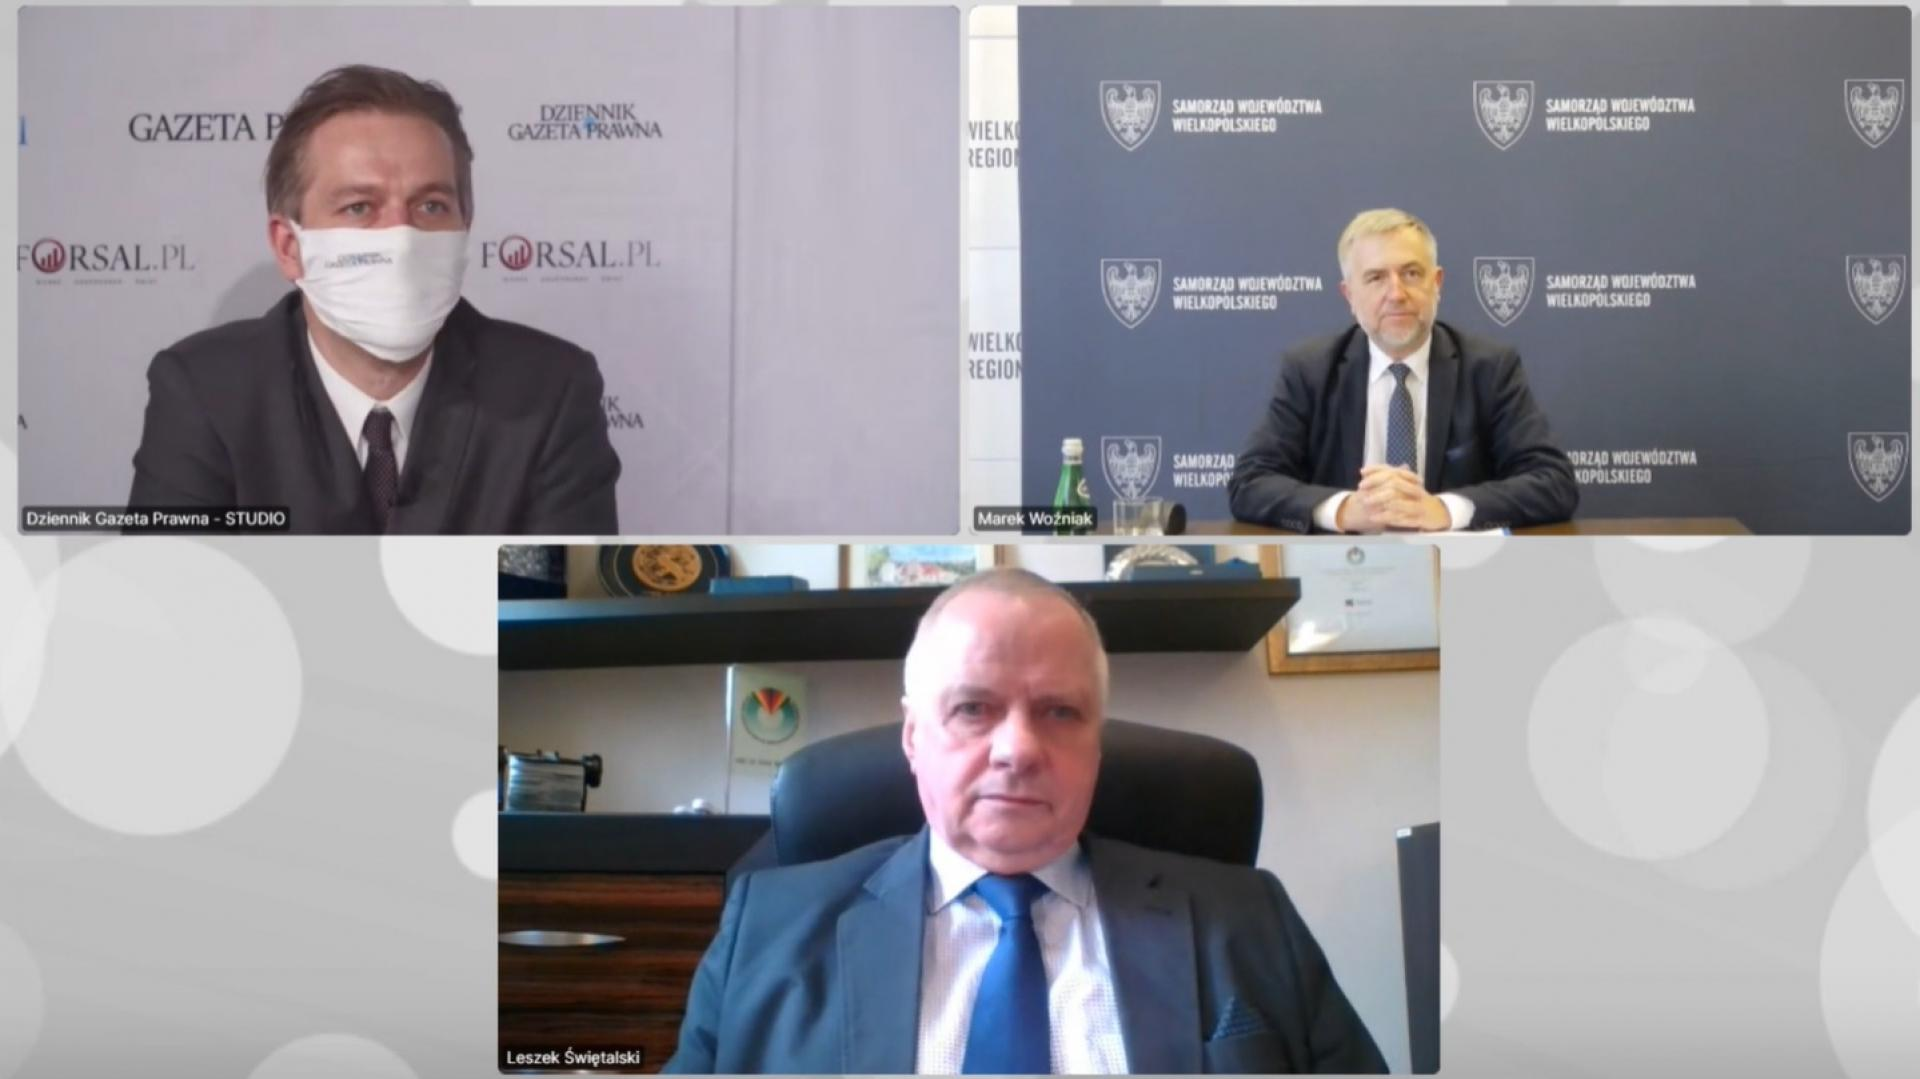 Urząd Marszałkowski Województwa Wielkopolskiego - Informacje o wojewódzkich władzach samorządowych, strategia rozwoju, aktualności, ogłoszenia. - zobacz więcej